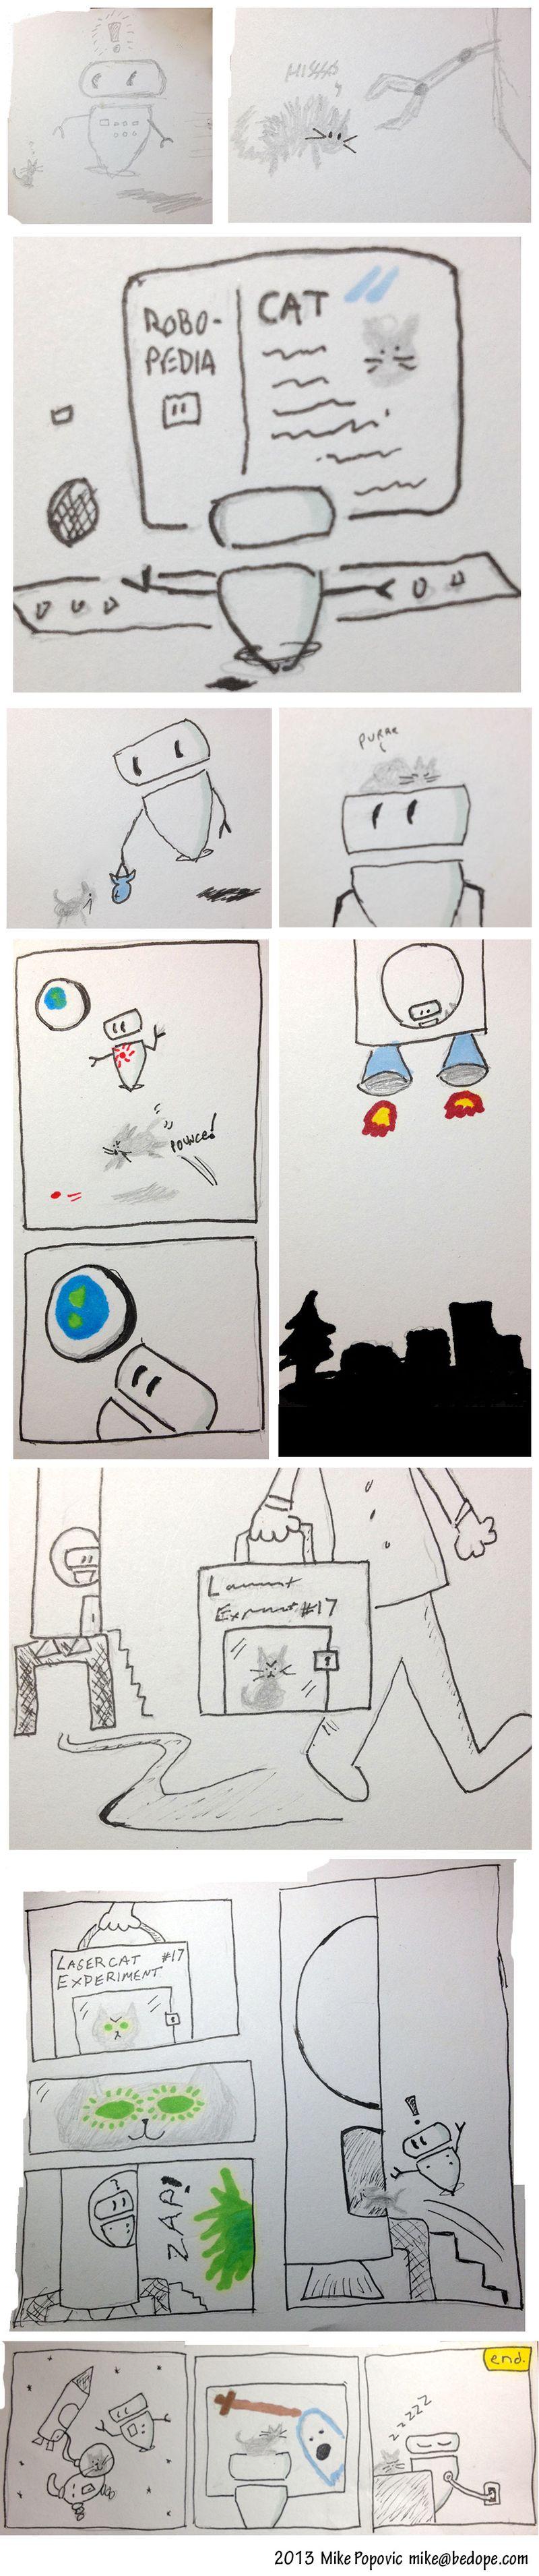 Robot-finds-kitten-comic-mpp